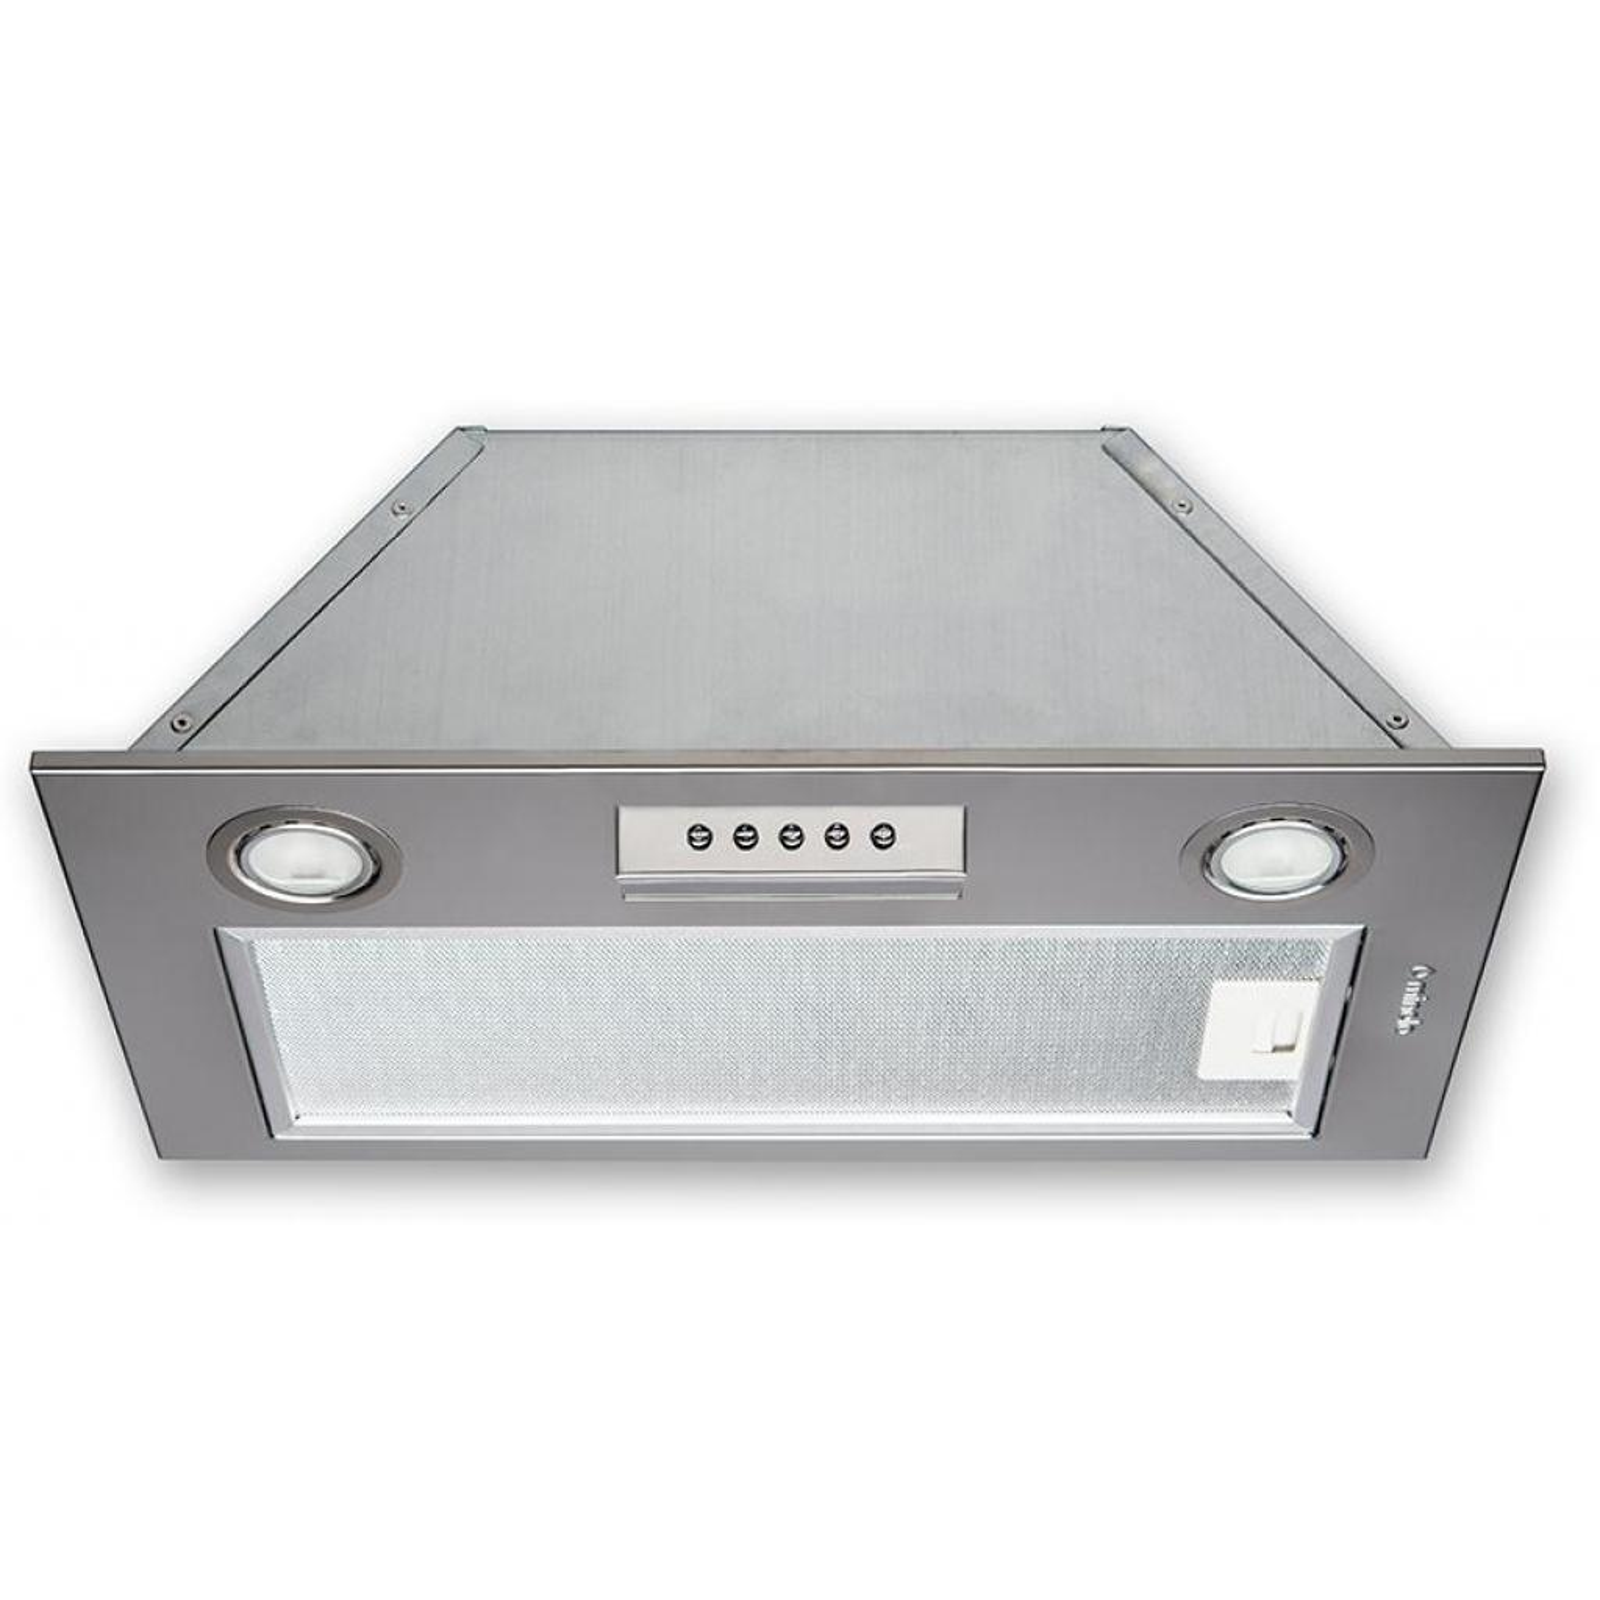 Вытяжка кухонная MINOLA HBI 5521 I 950 изображение 3